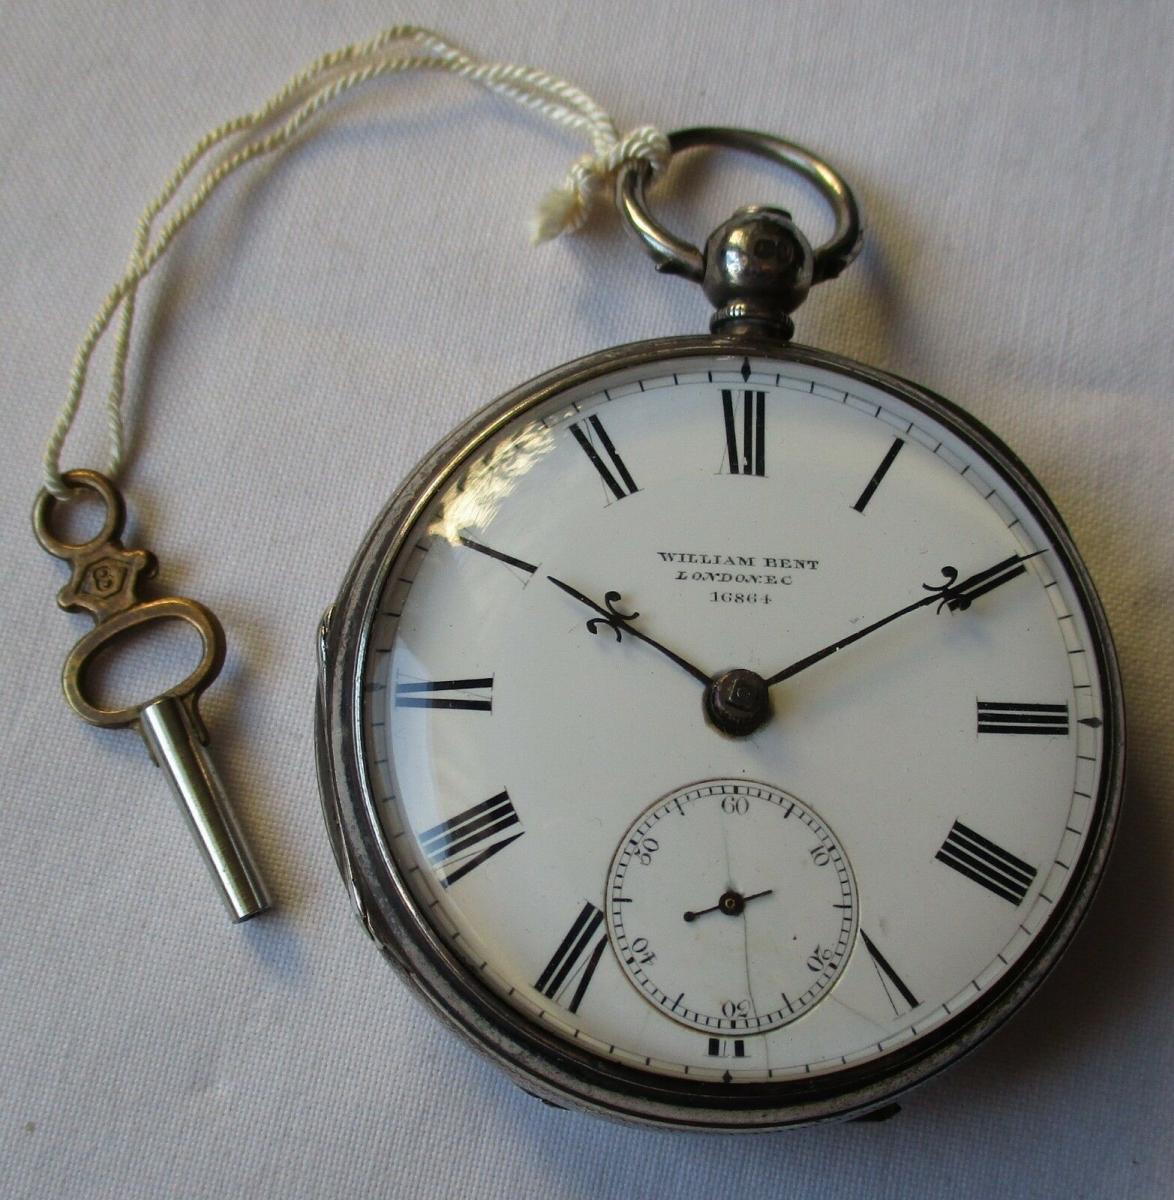 Hochwertige Taschenuhr 925er Silber William Bent London EC vor 1900 (124221) 0